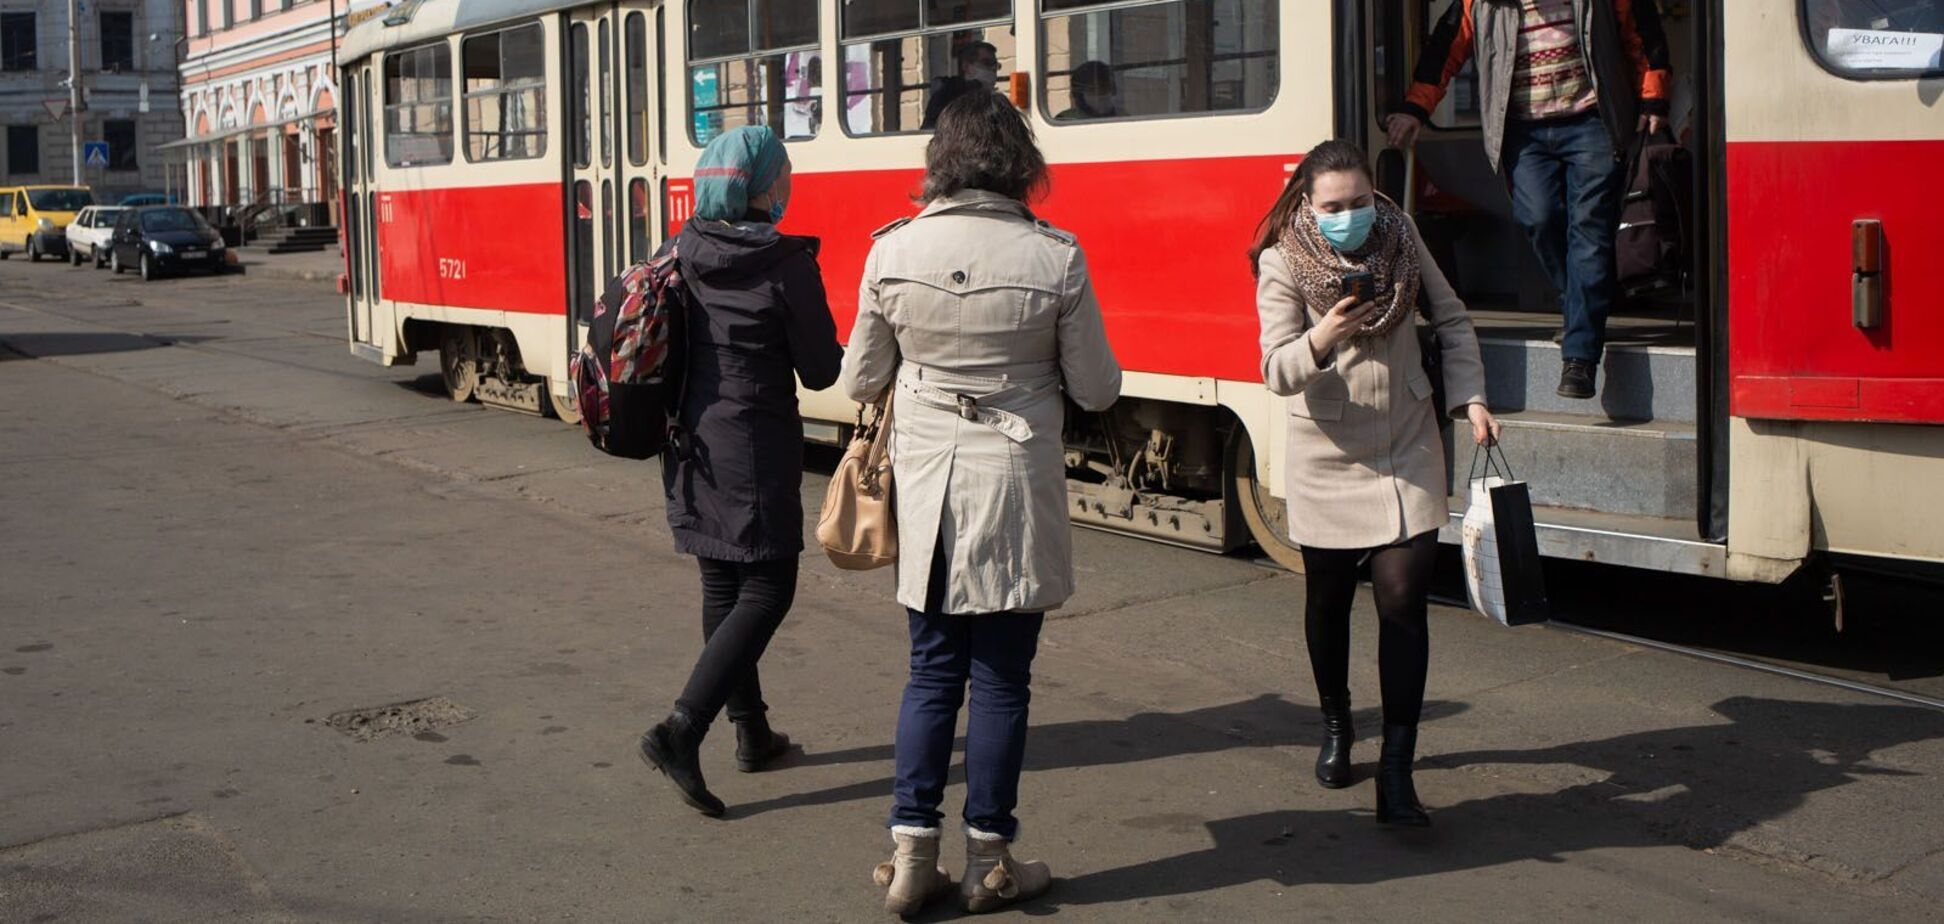 Киевляне ополчились на девушку без маски, которую выставили из трамвая